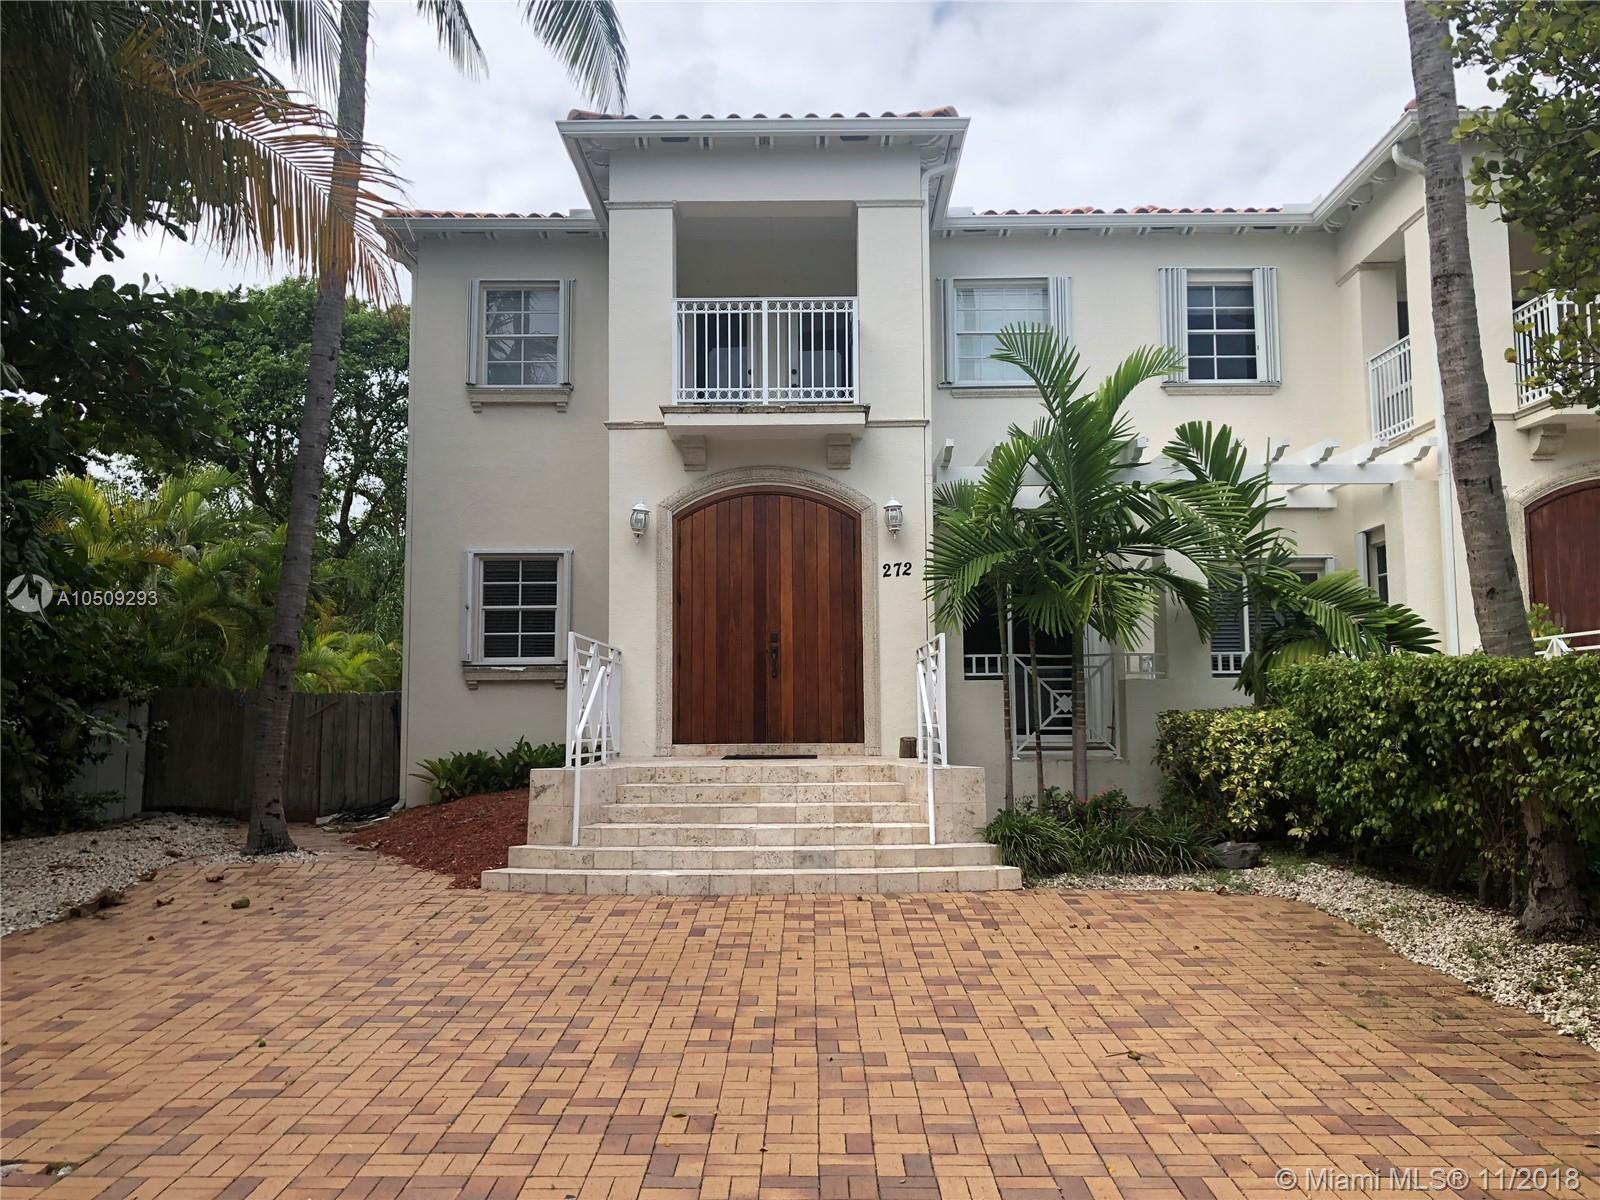 272 Fernwood Rd - Key Biscayne, Florida